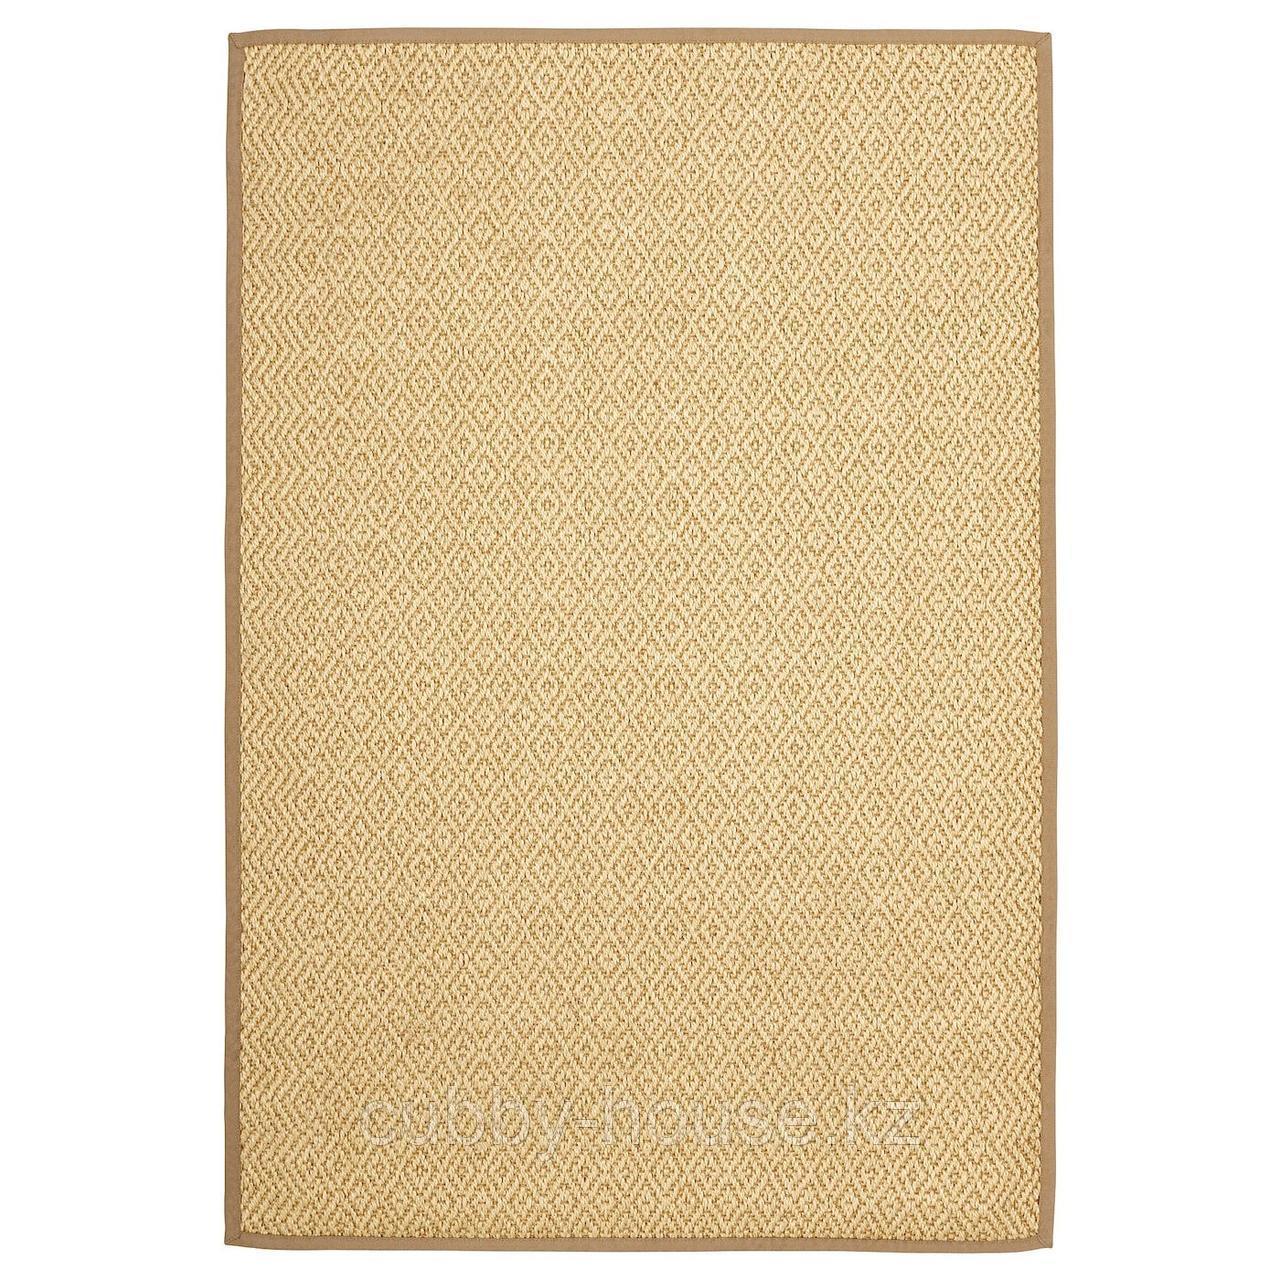 ВИСТОФТ Ковер безворсовый, неокрашенный, 170x240 см